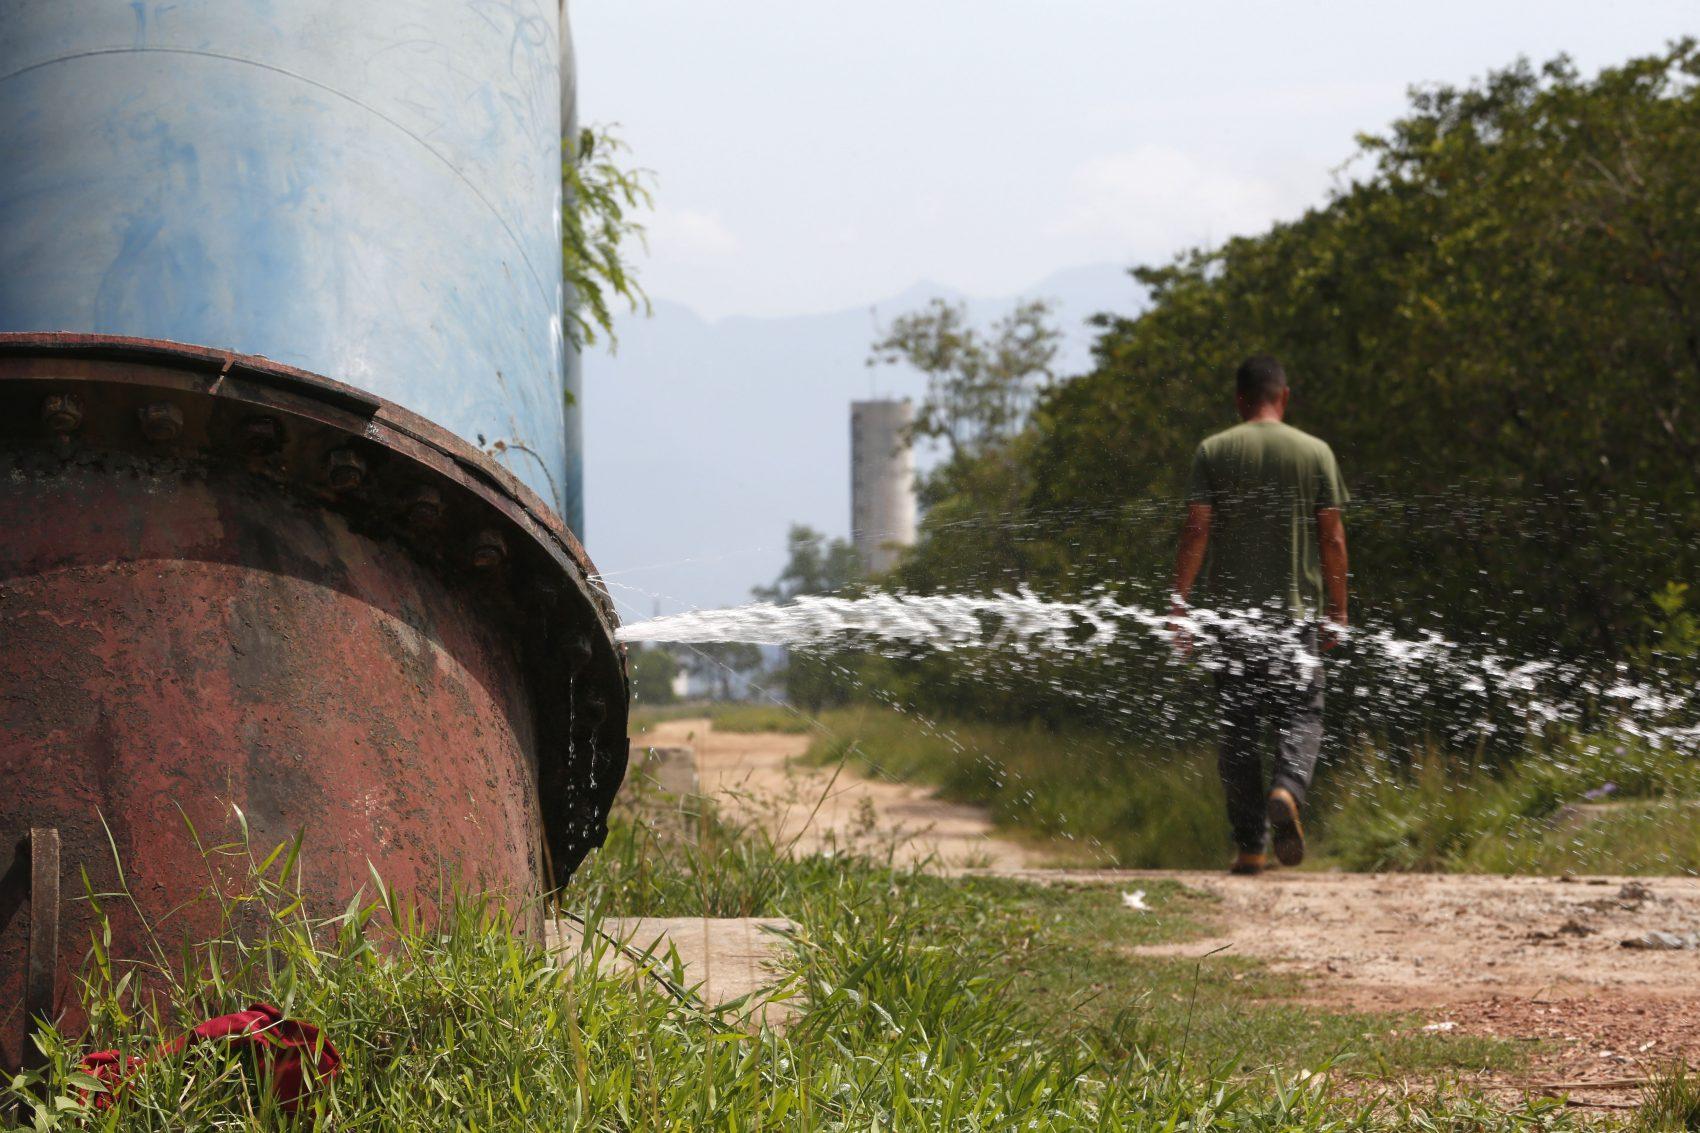 Água vaza de tubulação da Cedae: estatal admite que não combate desperdício em áreas dominadas por tráfico ou milícia (Foto: Custódio Coimbra)